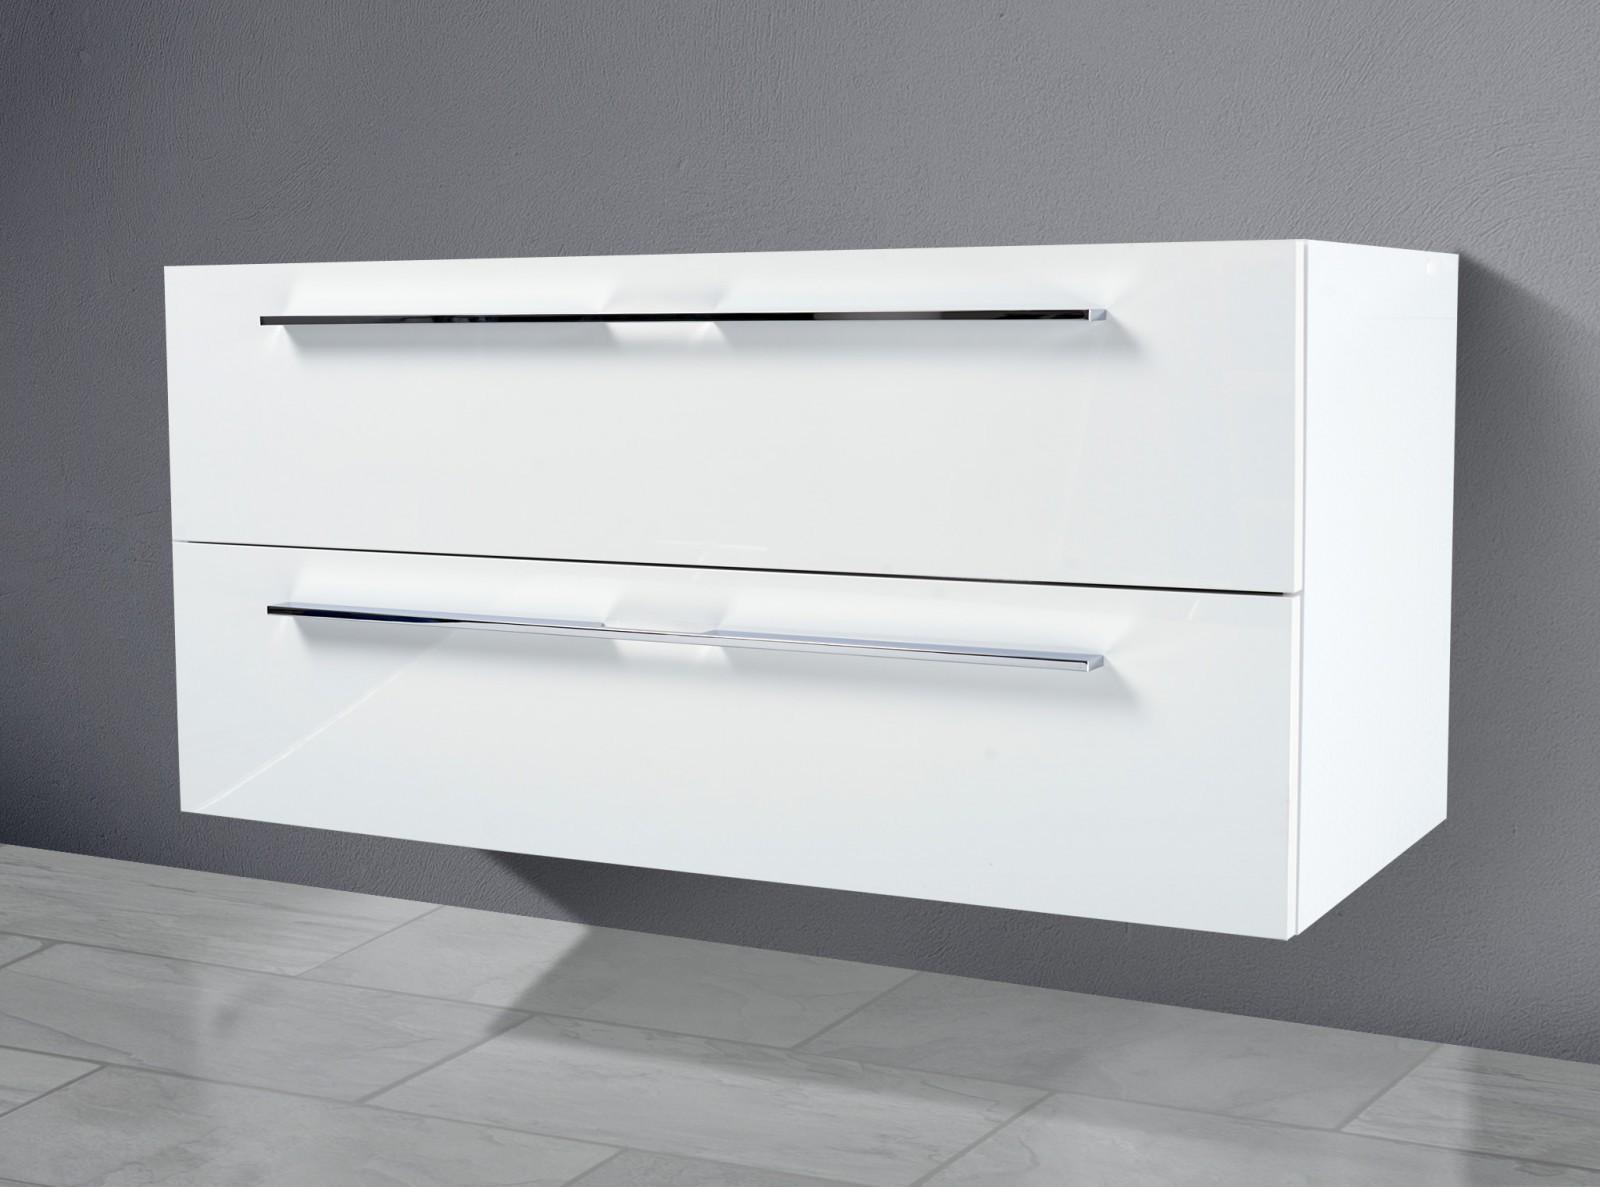 Waschtisch Unterschrank Zu Villeroy U0026 Boch Subway 2.0 100 Cm  Waschbeckenunterschrank | Designbaeder.com